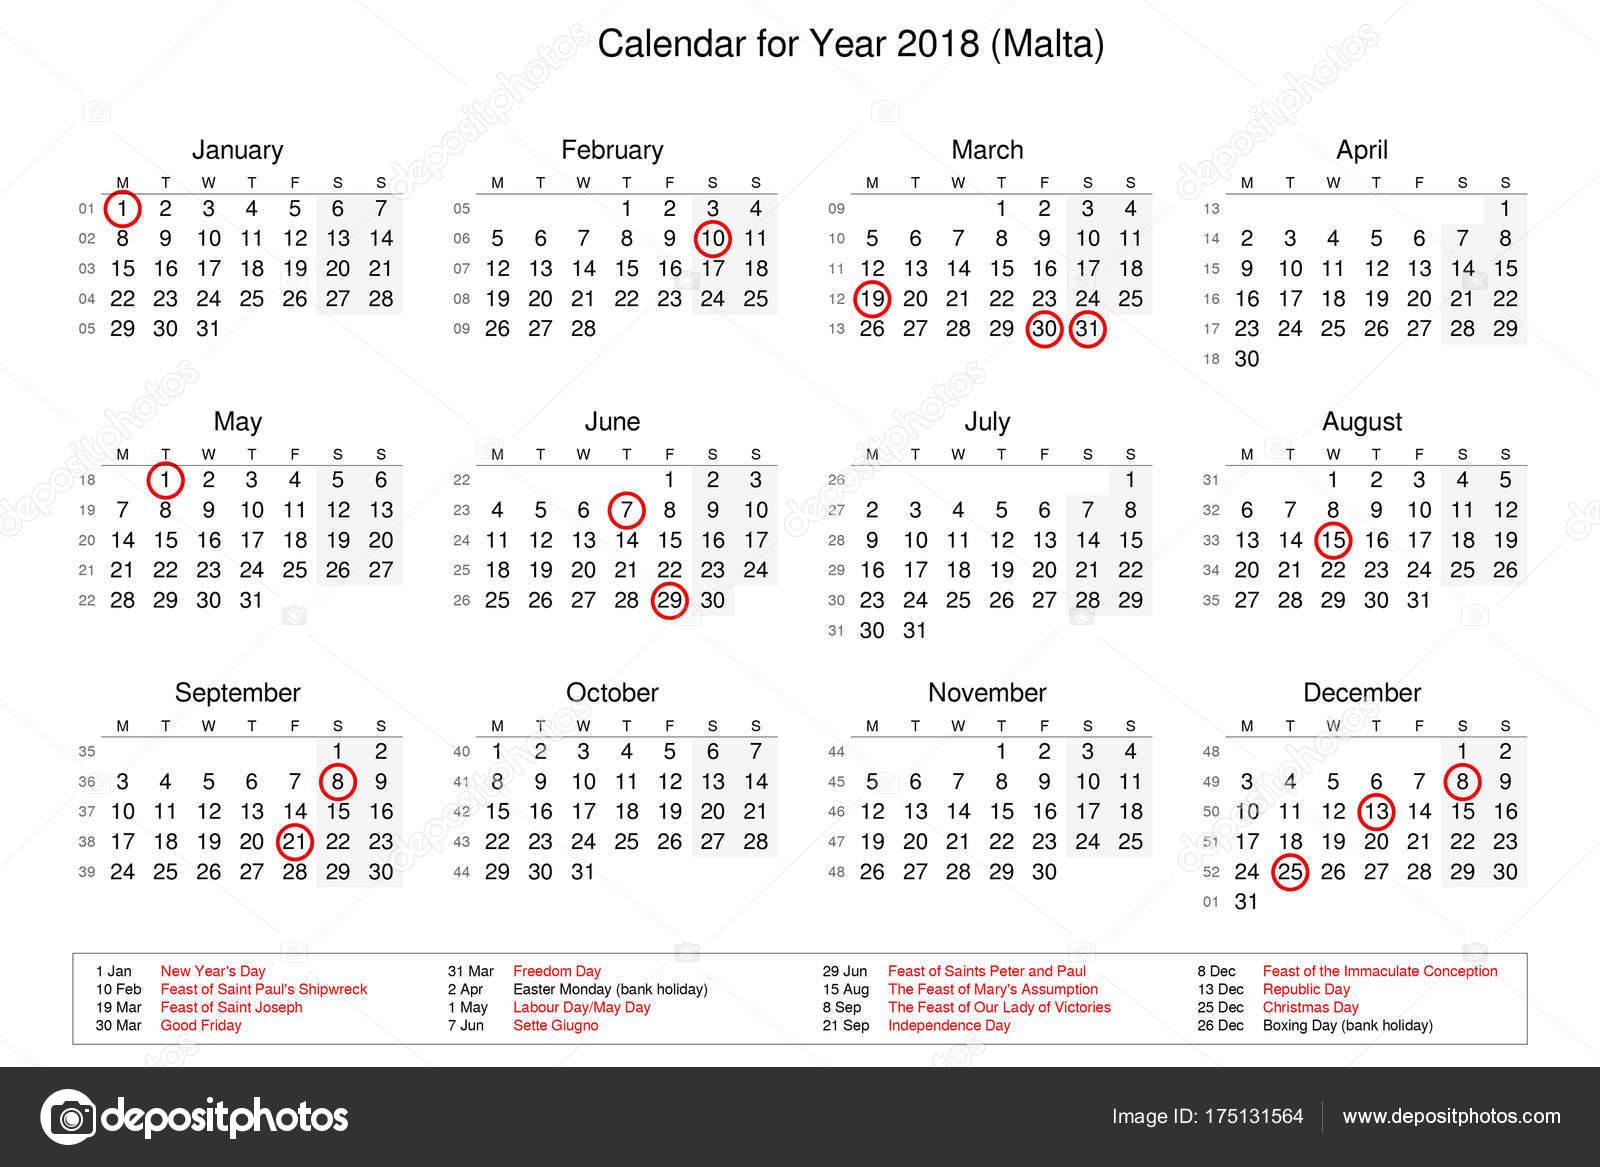 kalendar statnich svatku Kalendář státních svátků a svátků pro rok 2018 — Stock Fotografie  kalendar statnich svatku